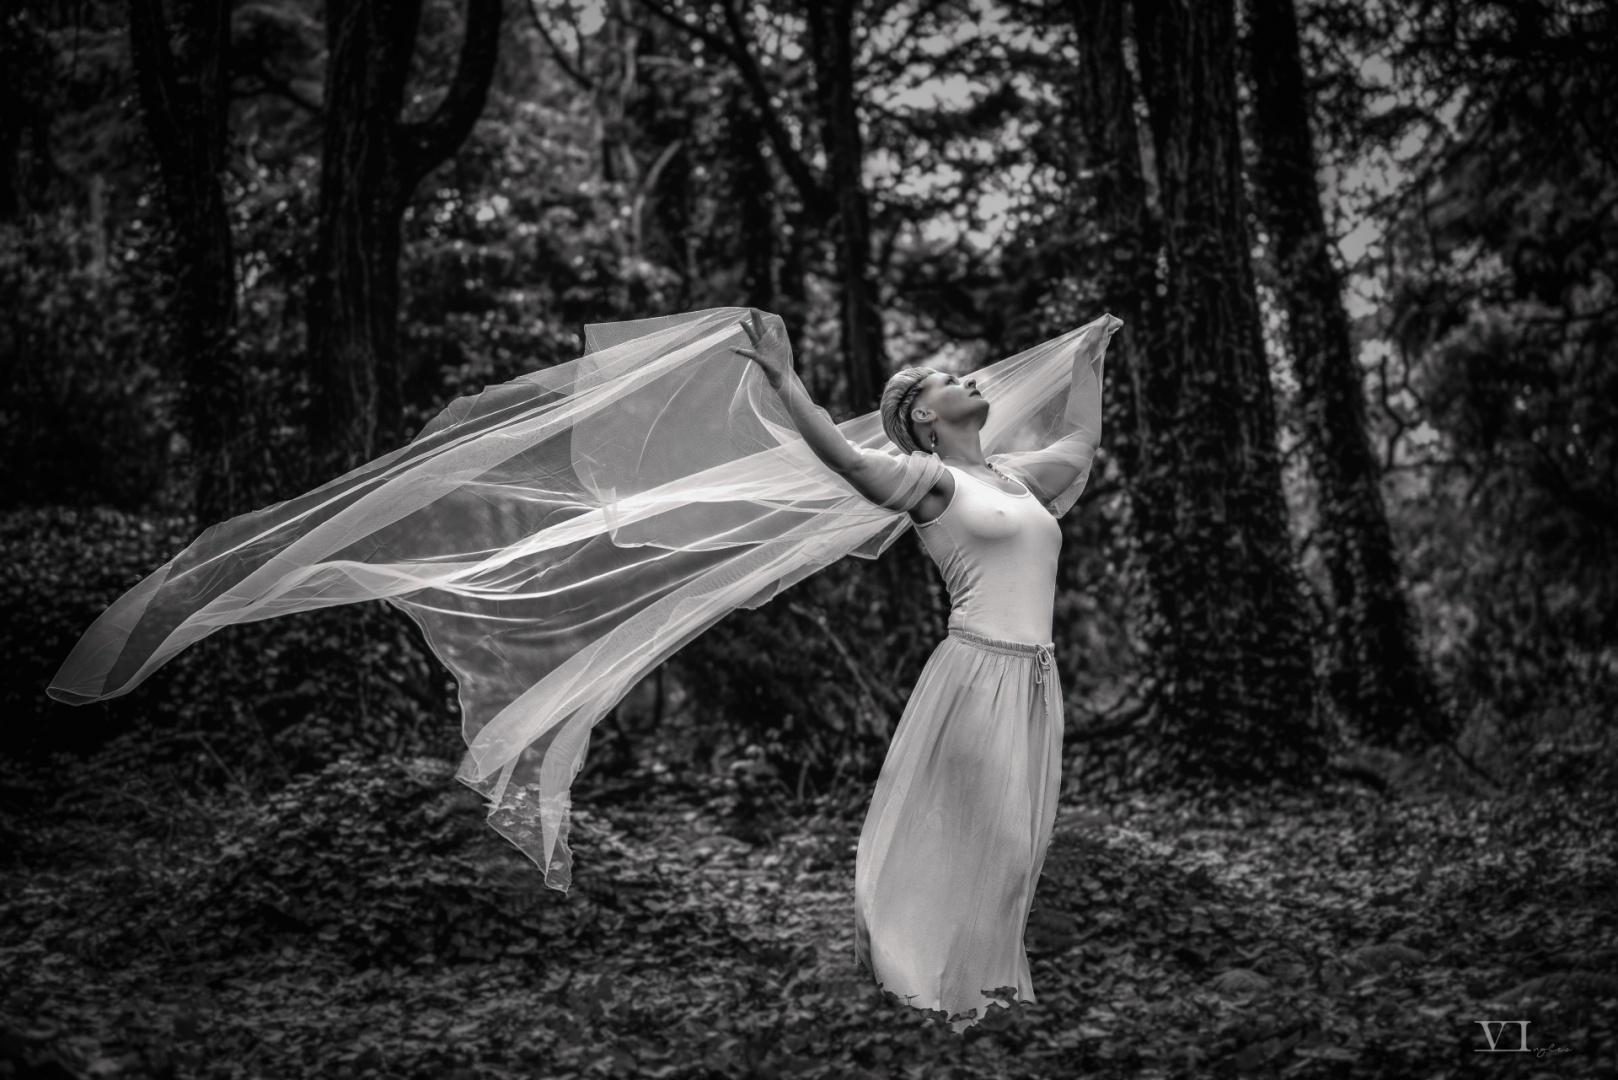 © Vasco Inglez - Sinfonia do vento